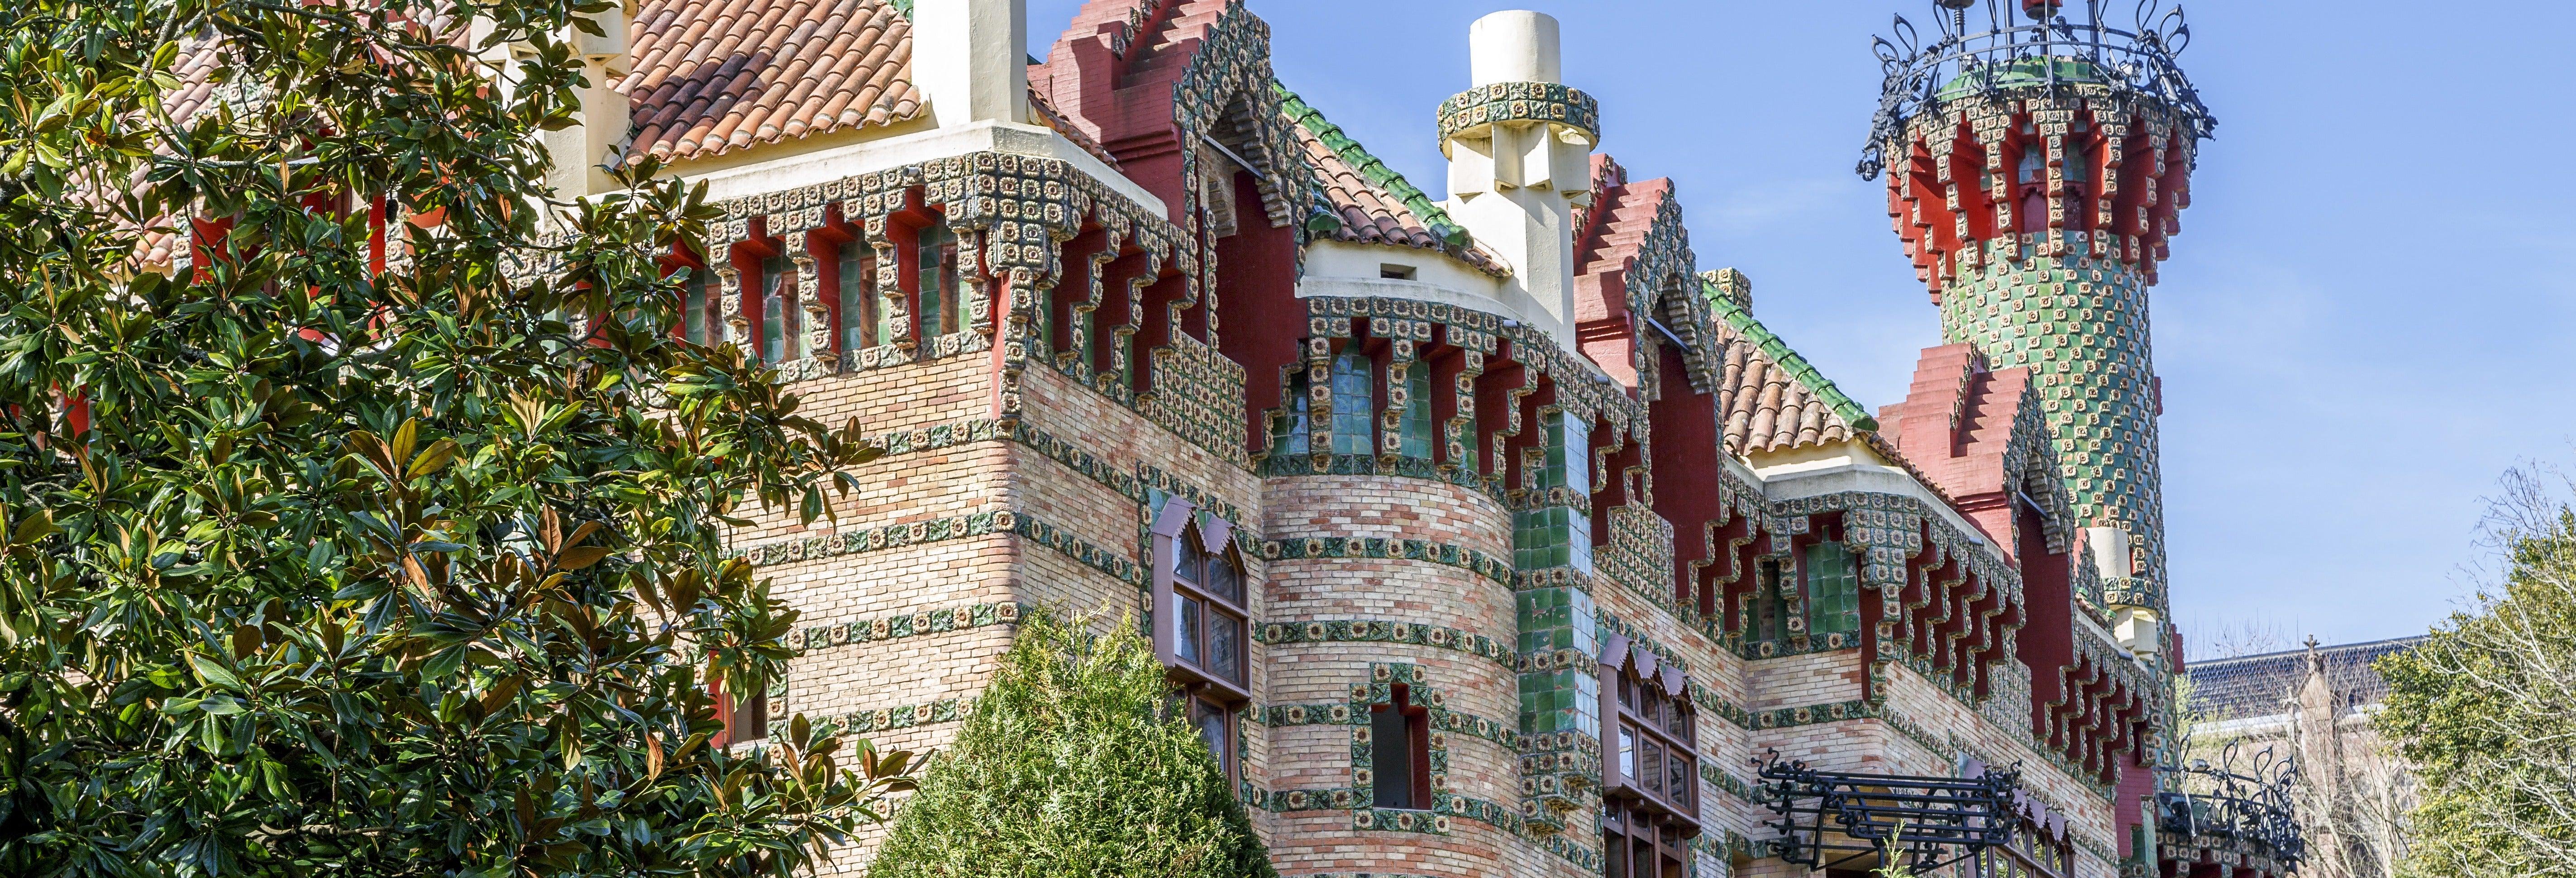 Excursion à Comillas et au Caprice de Gaudí